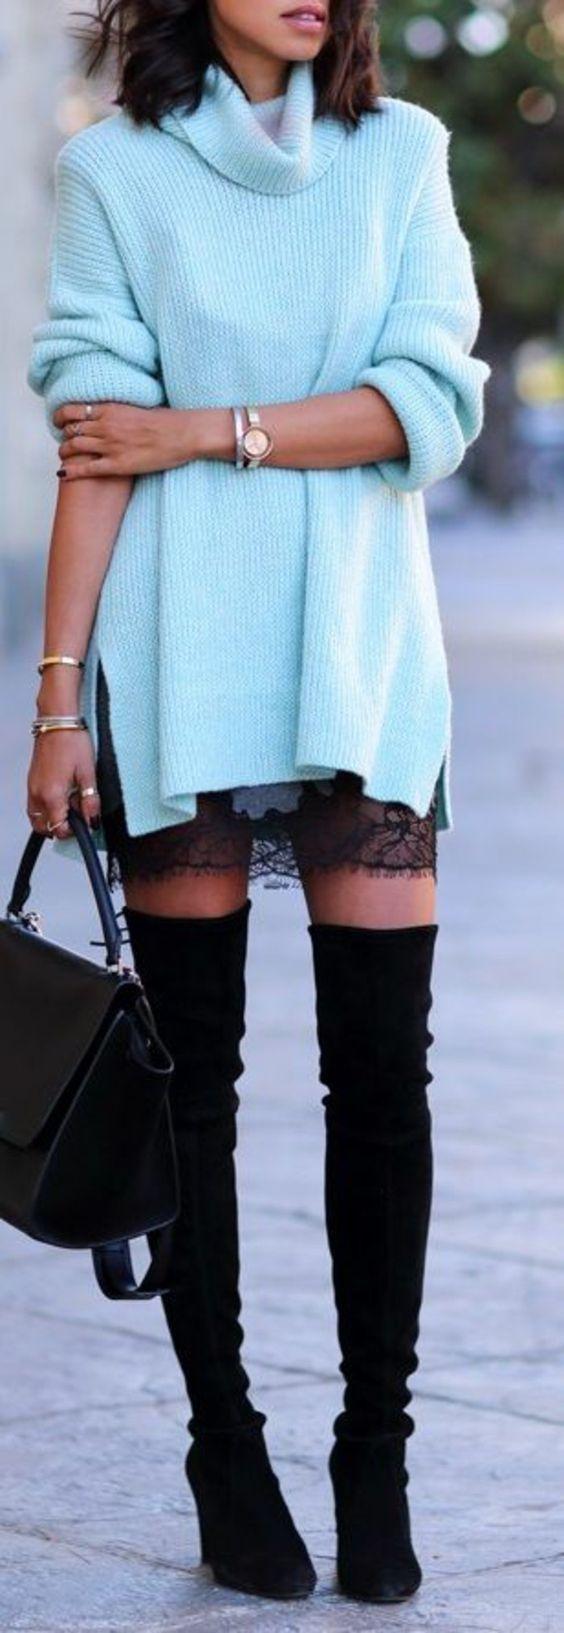 robe pull col roulé bordée de dentelle avec des bottines cavalières